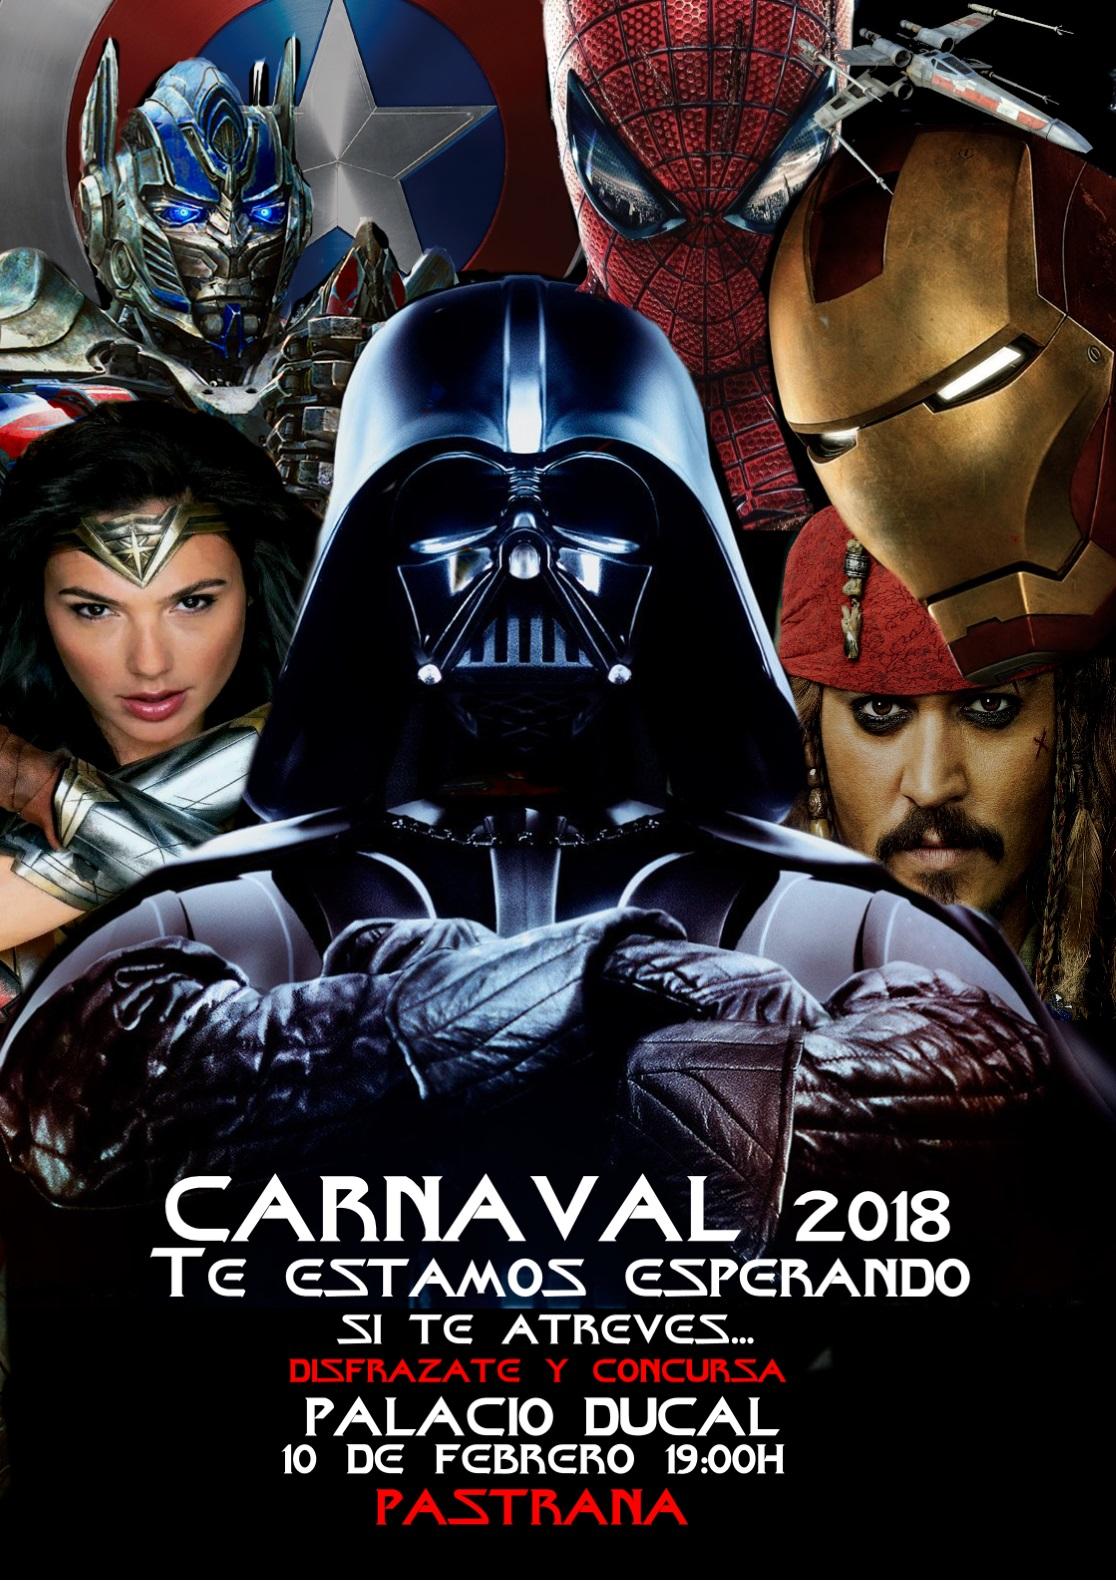 Homenaje al cine de aventuras en el carnaval de Pastrana